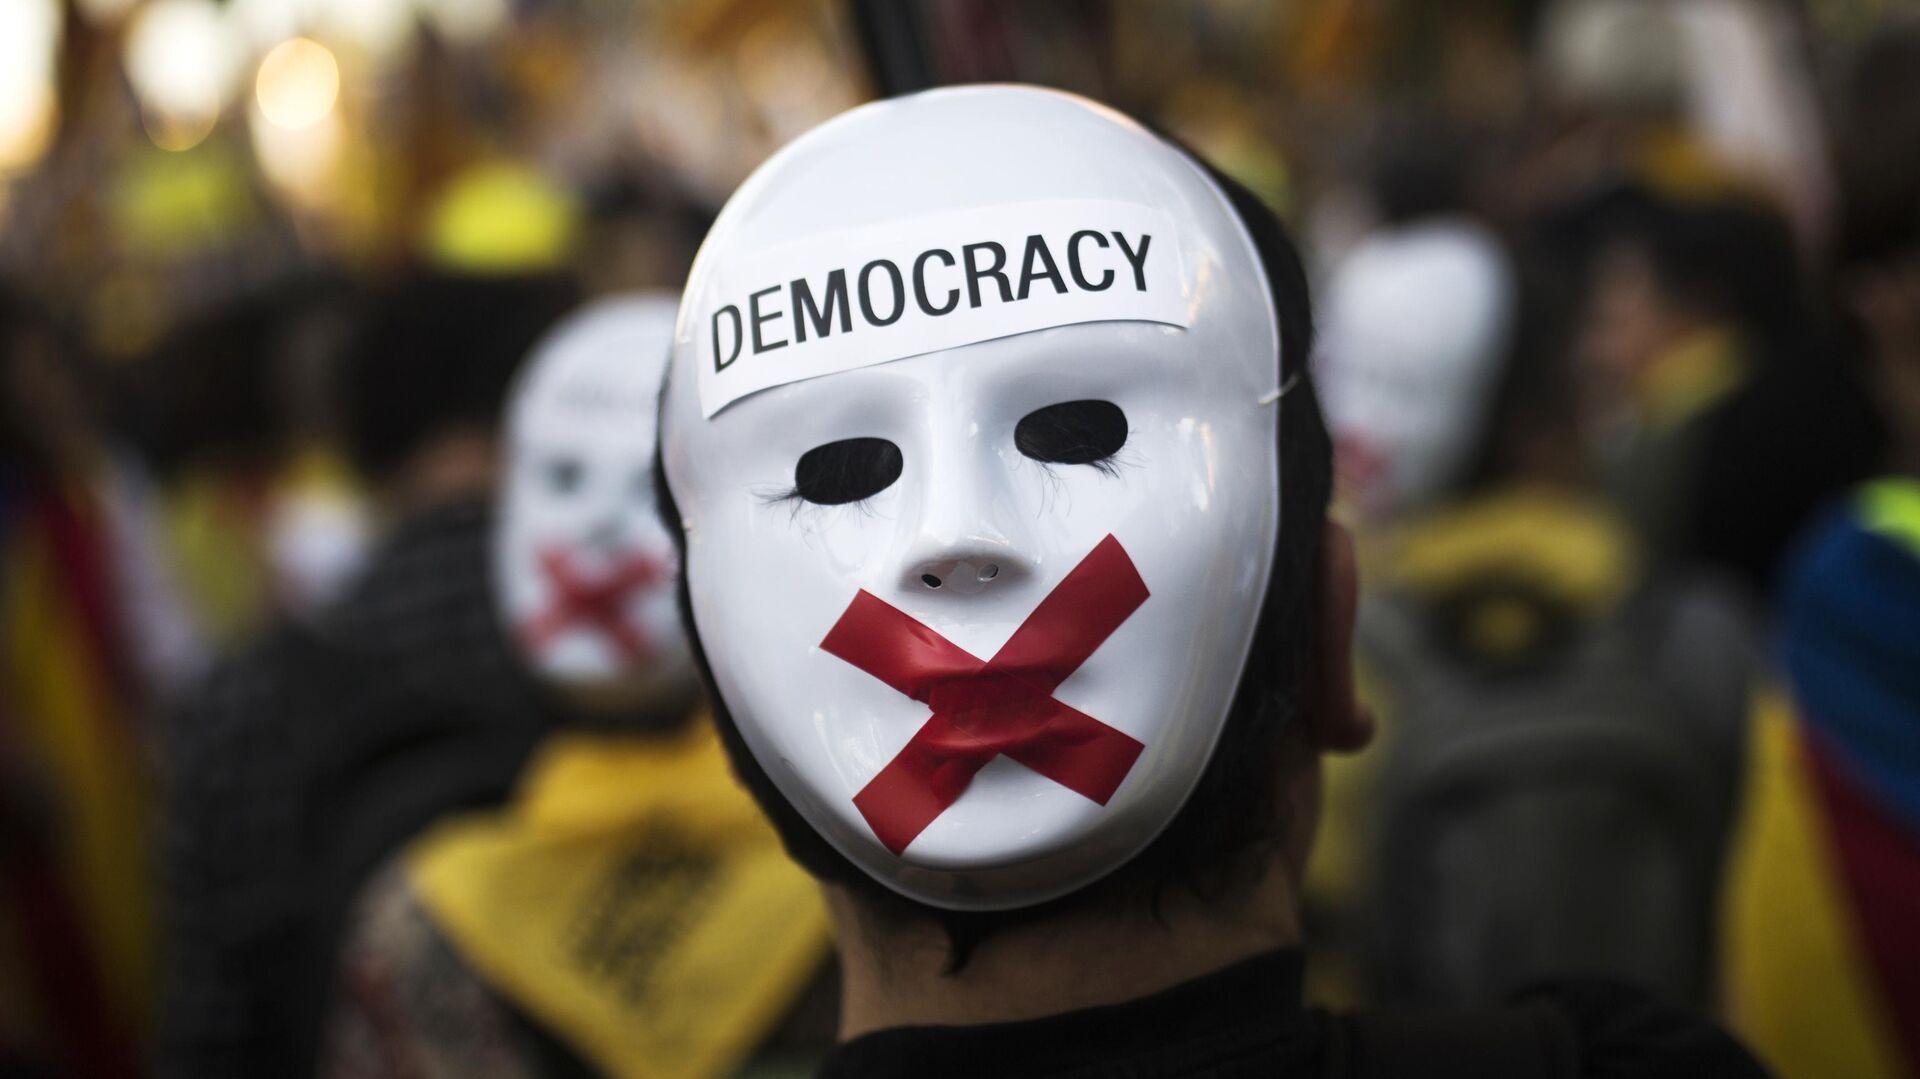 Участник акции в поддержку независимости Каталонии в Мадриде. 16 марта 2019 - РИА Новости, 1920, 15.09.2020